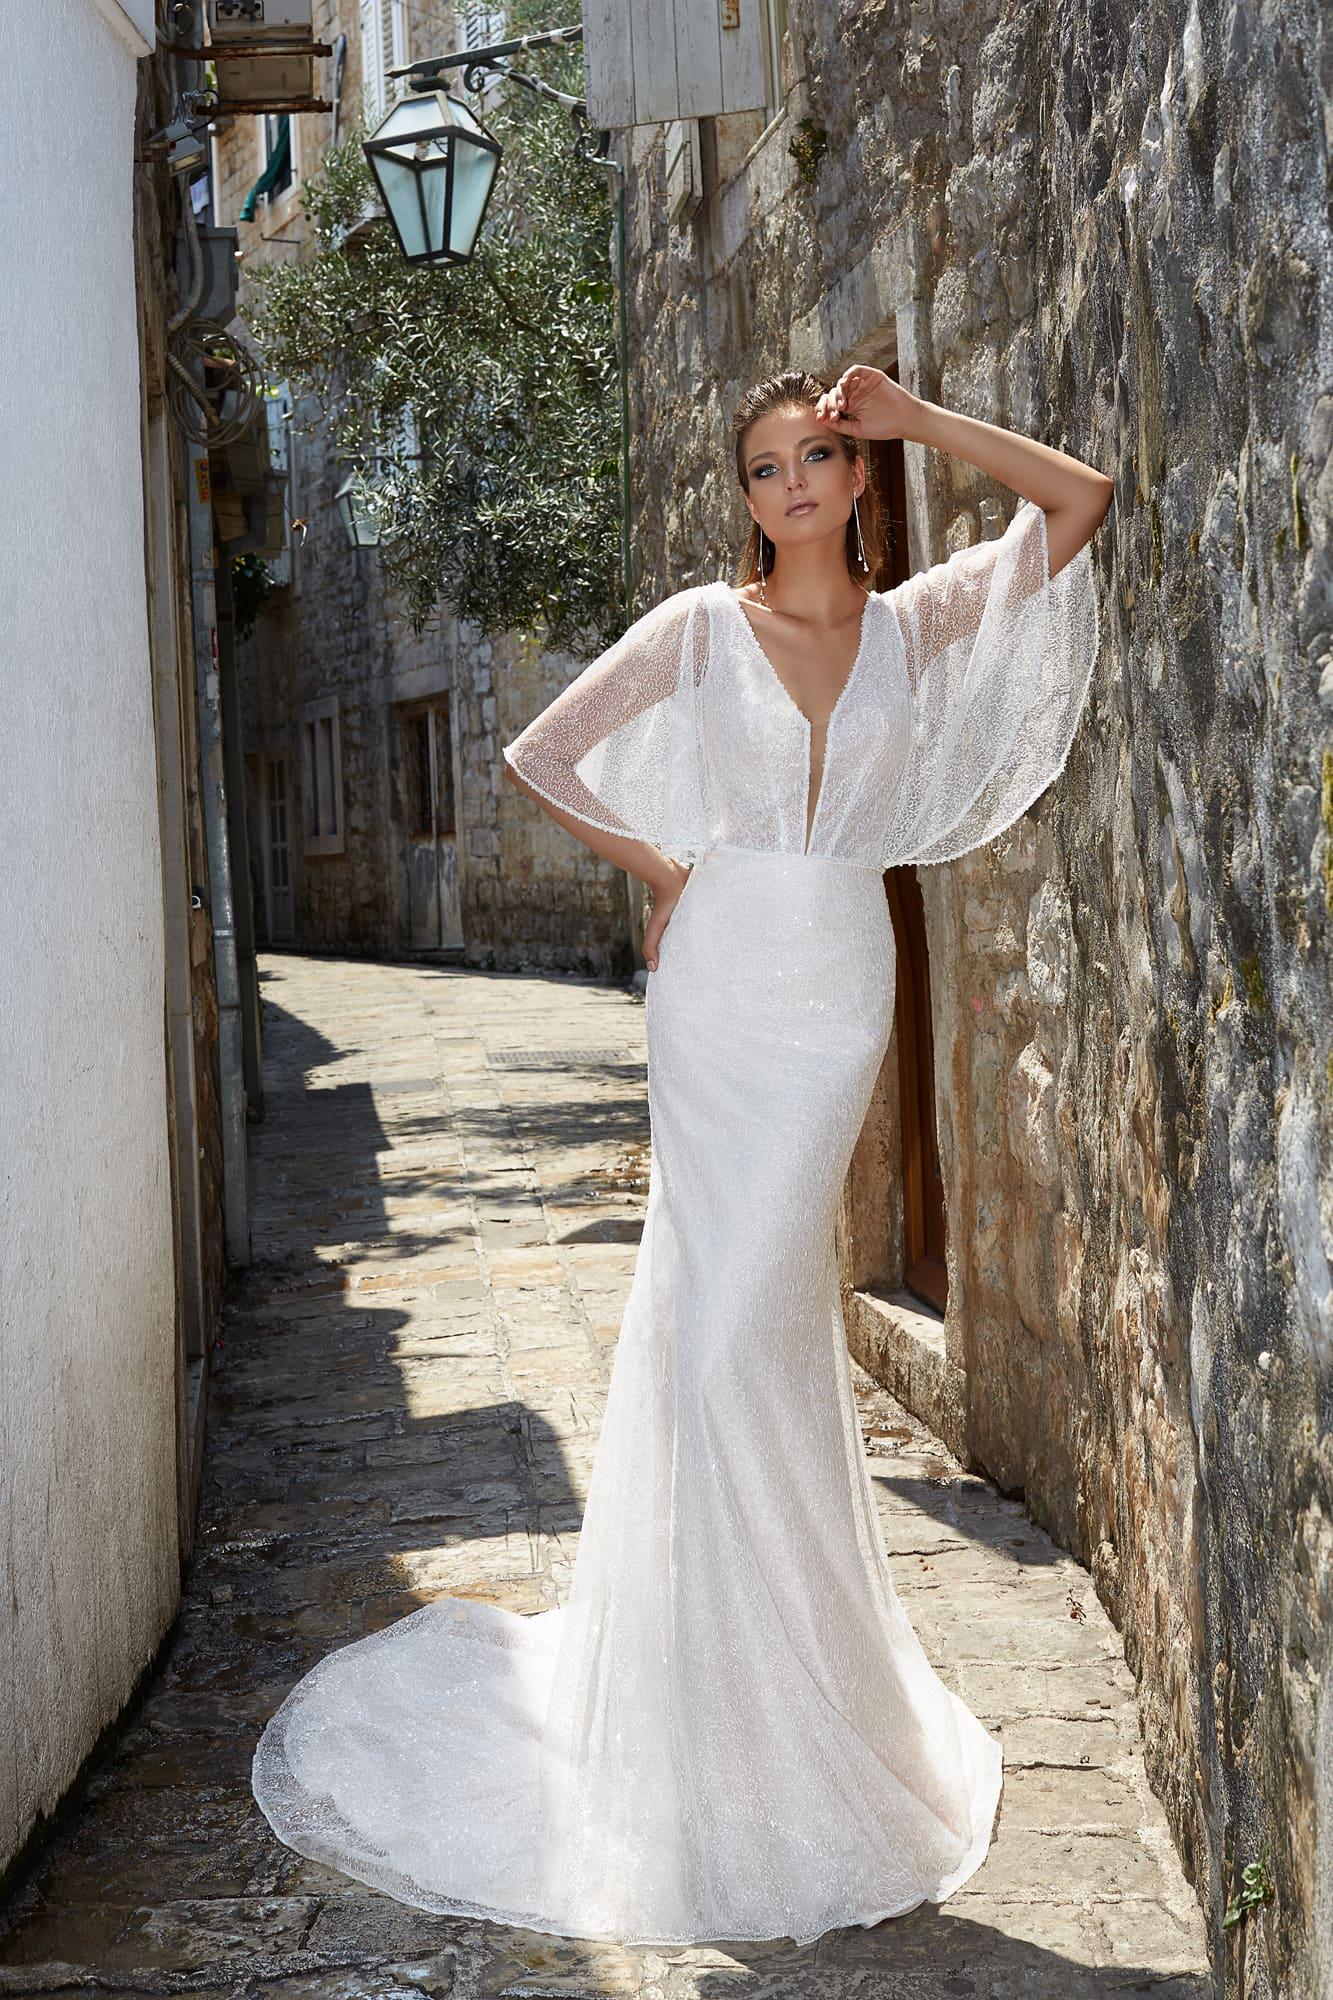 Облегающее силуэт свадебное платье из роскошной сияющей ткани, с эффектным рукавом.